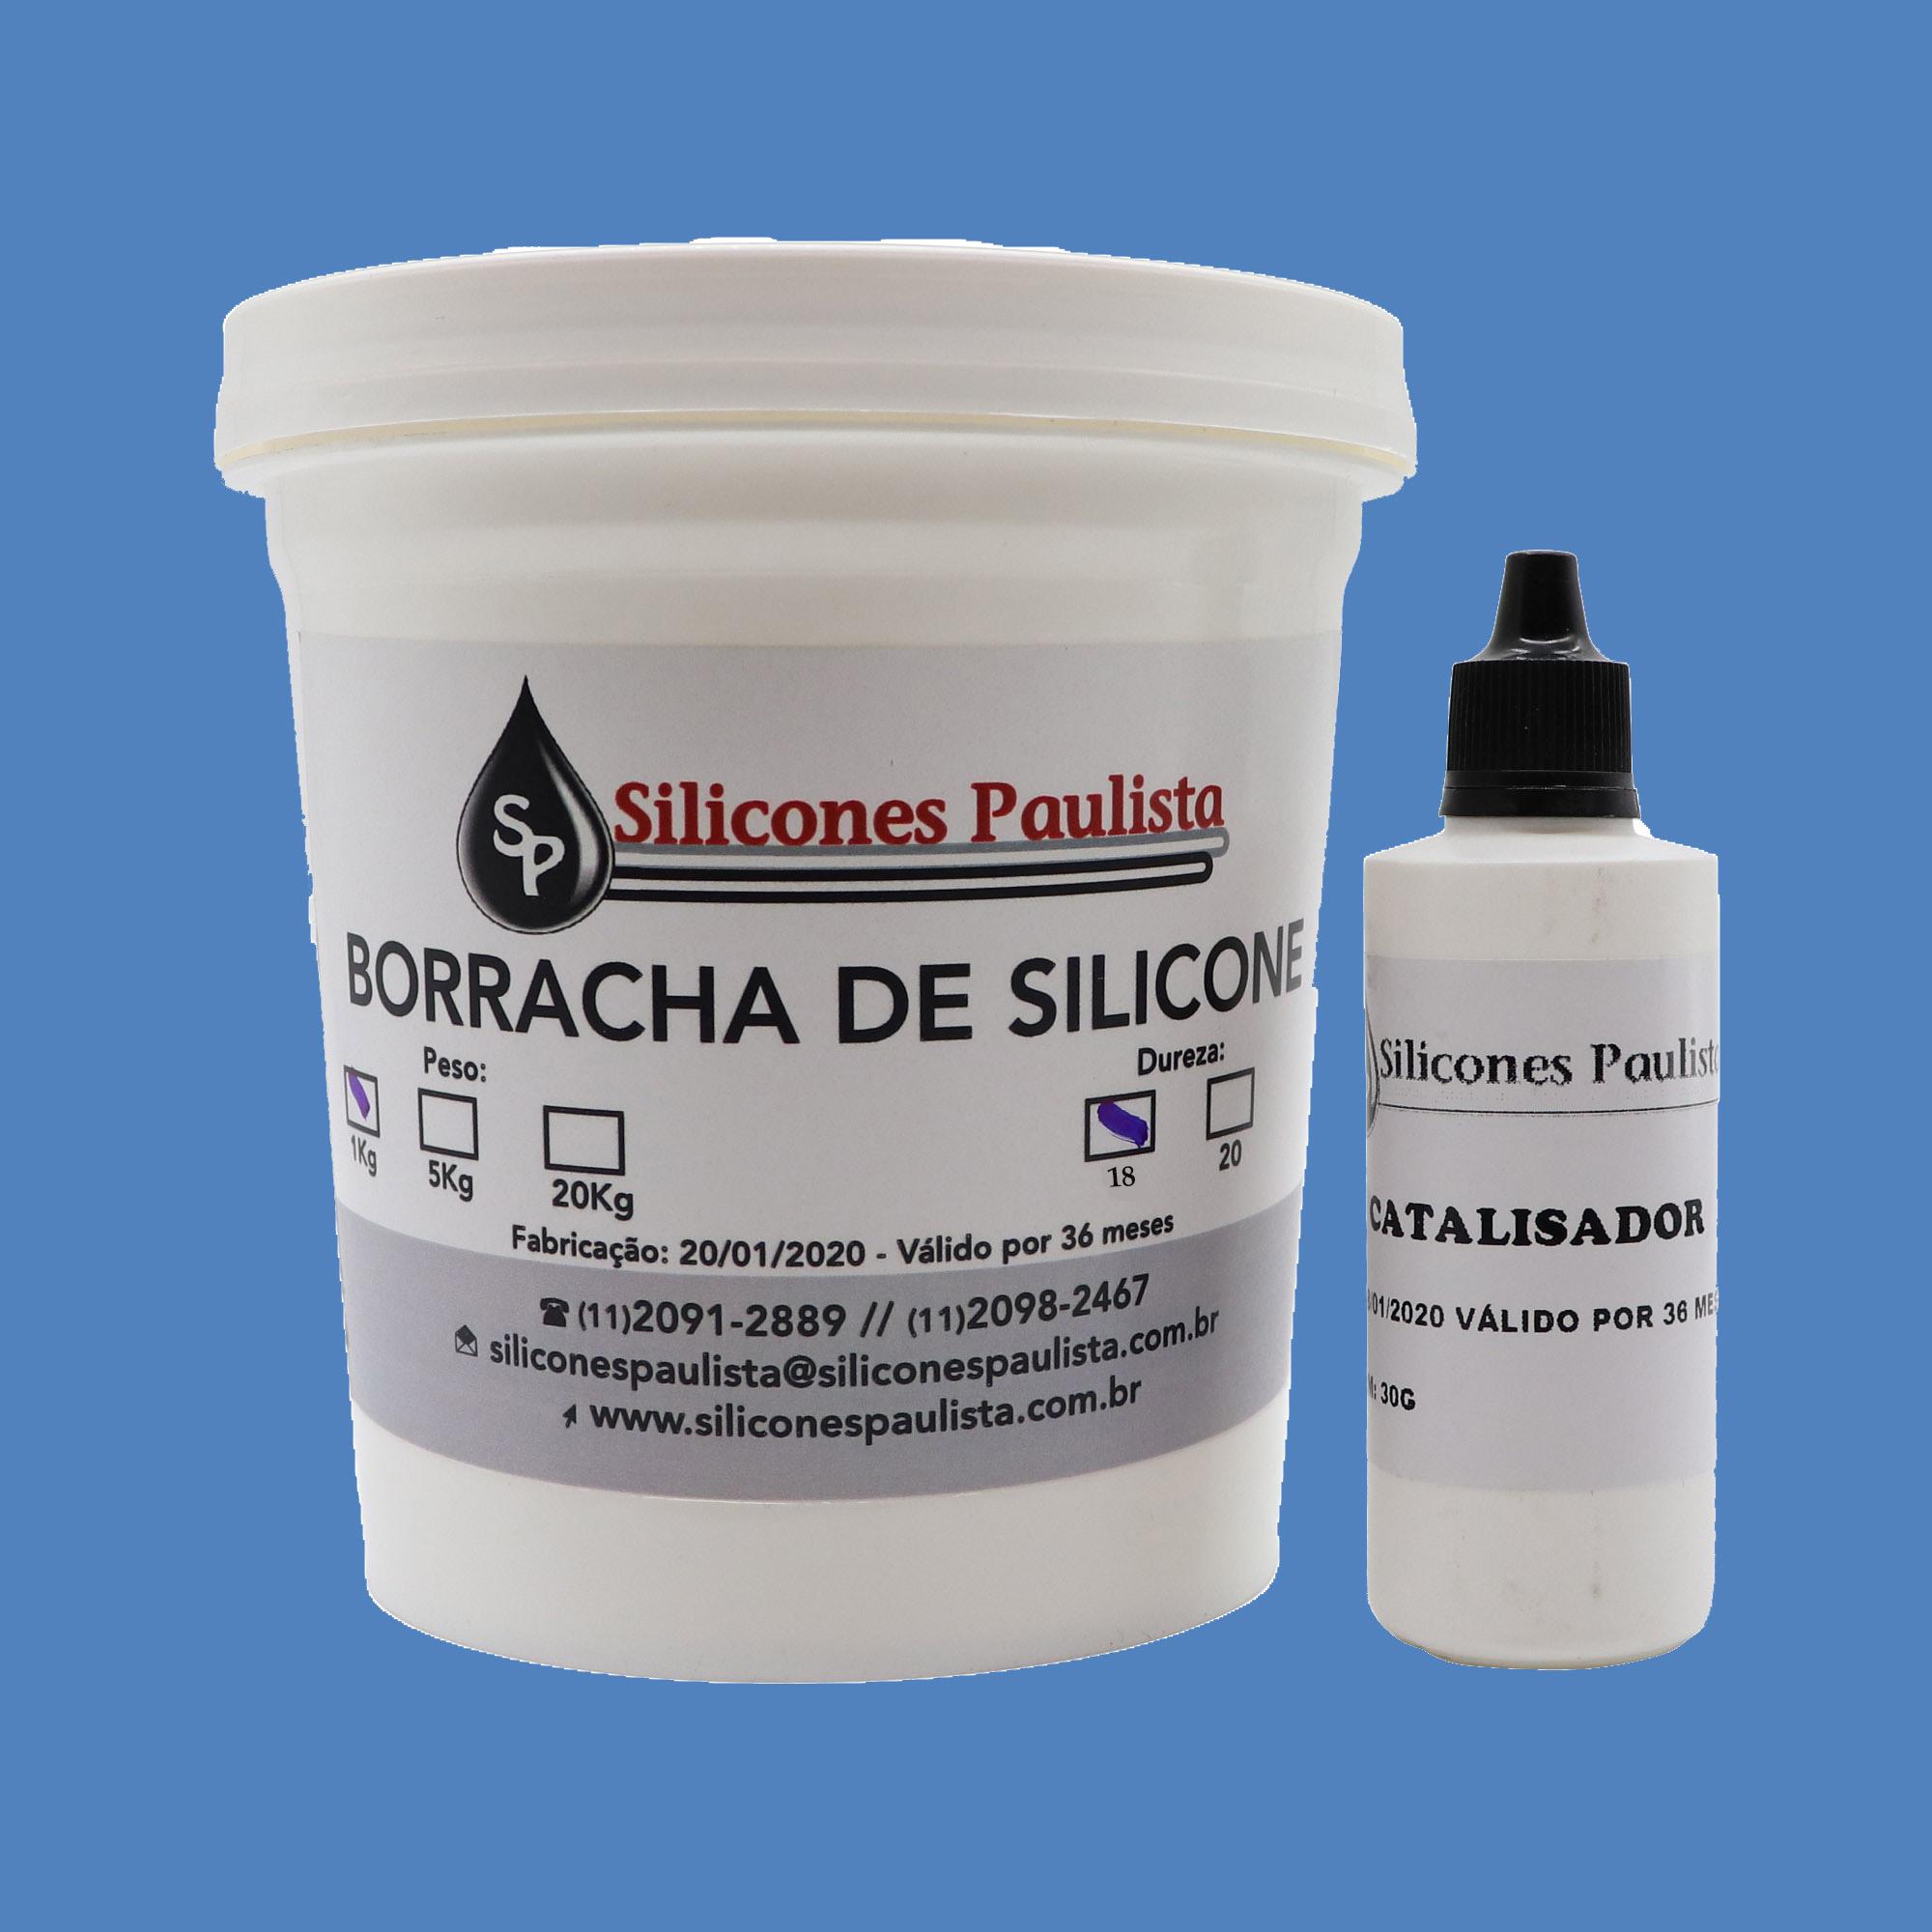 Borracha de Silicone para Artesanato e Moldes (AZUL / Shore18) - 1Kg / 30g